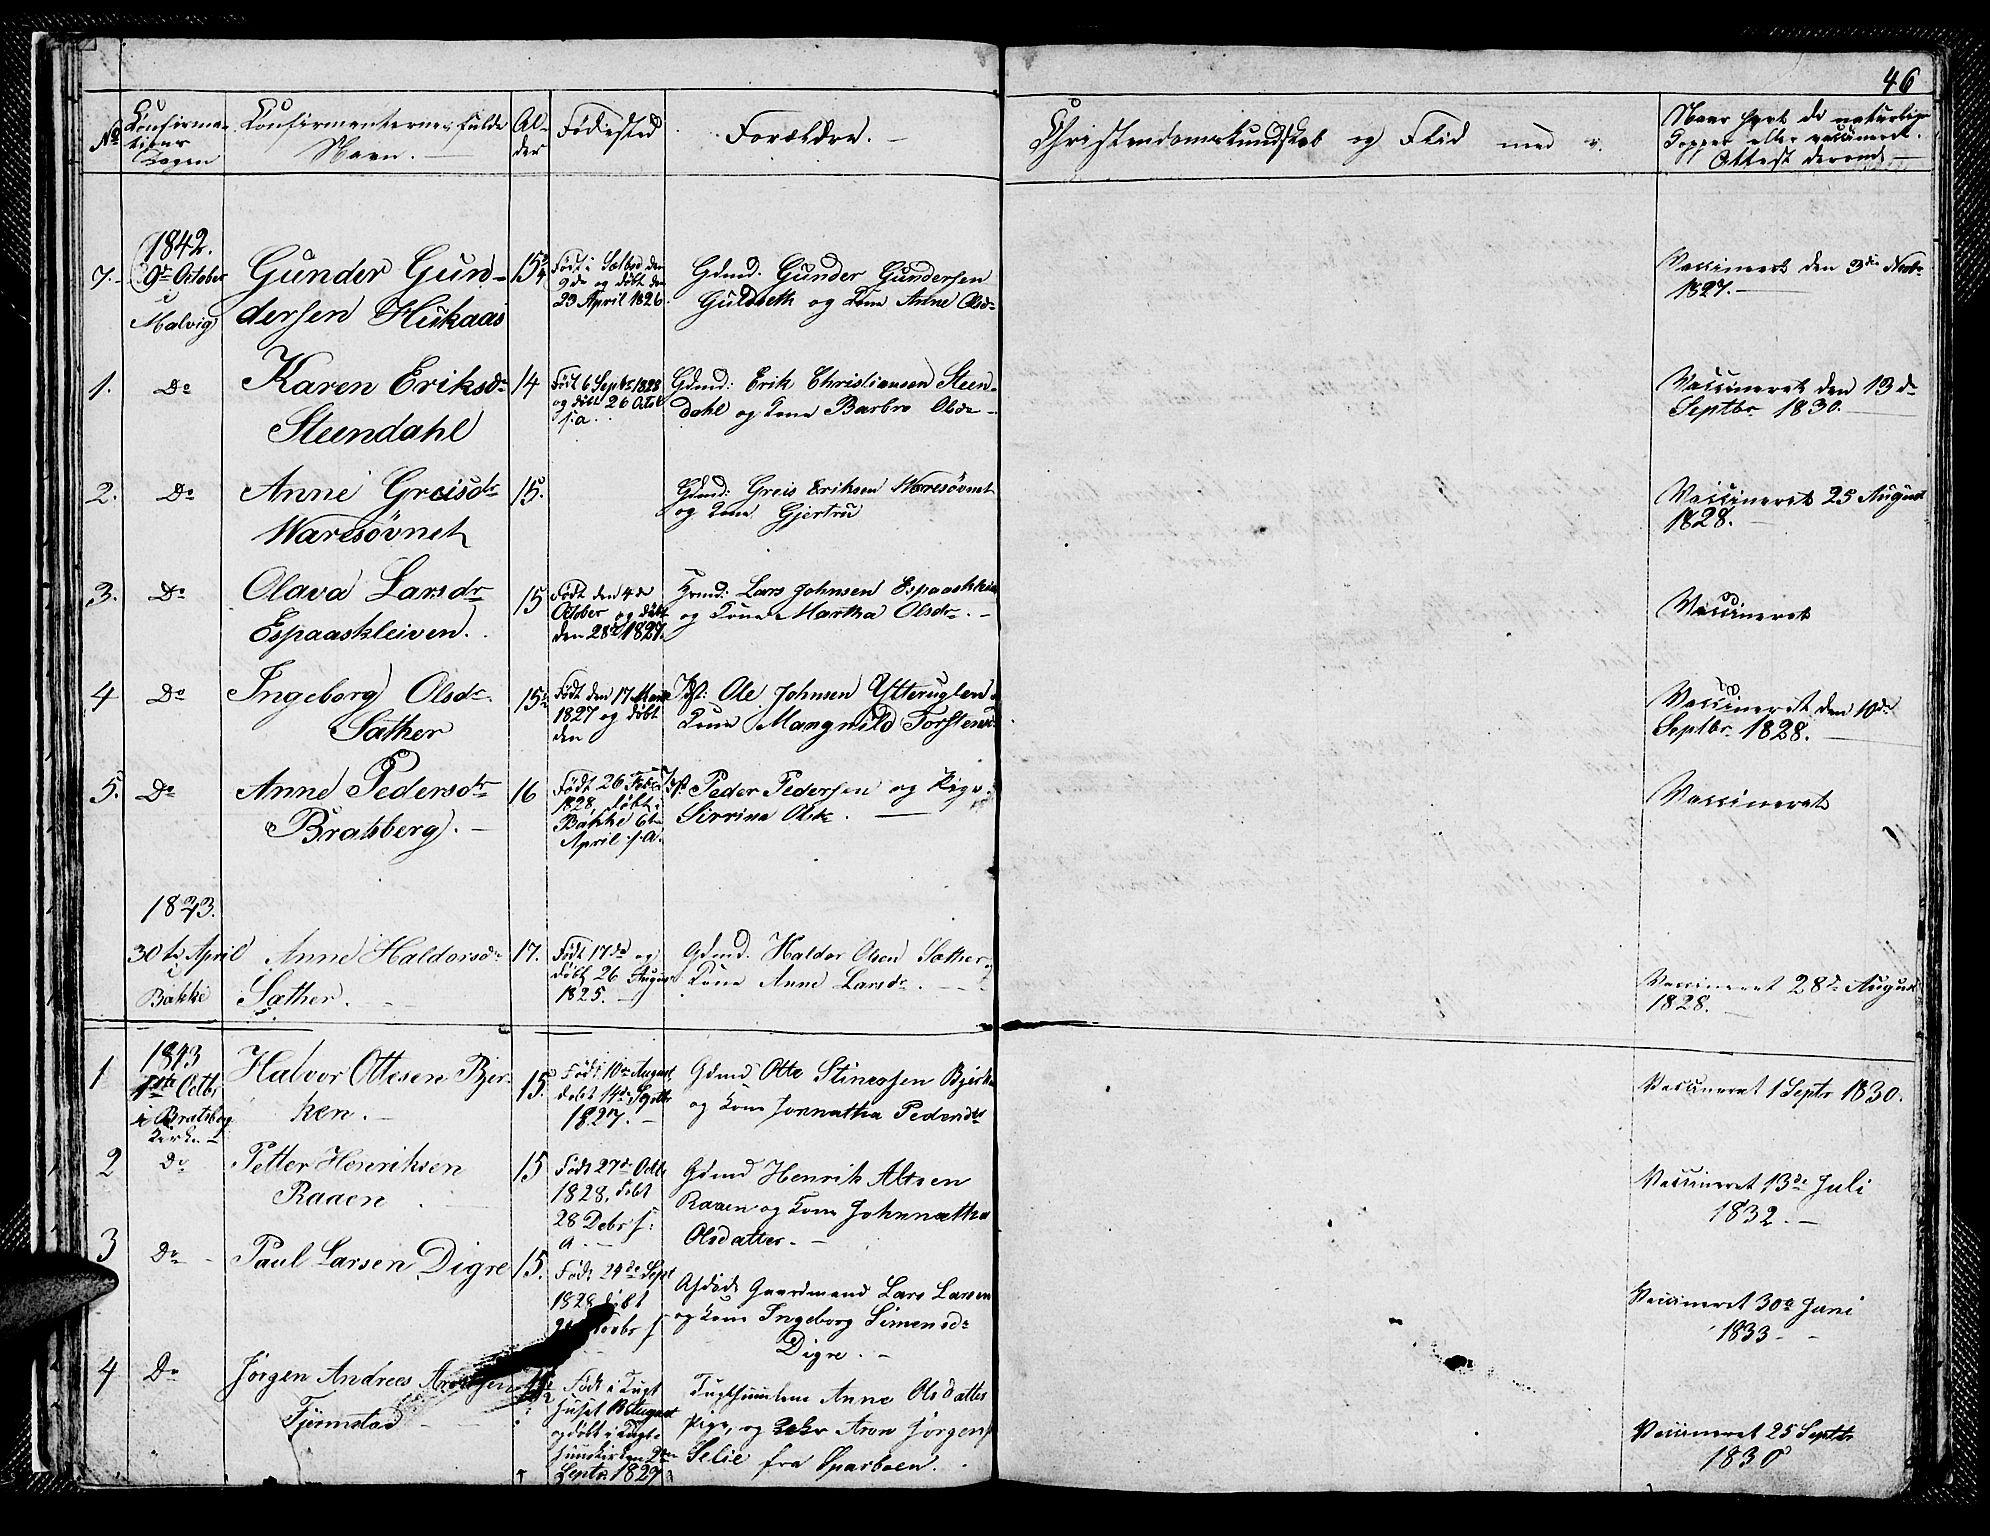 SAT, Ministerialprotokoller, klokkerbøker og fødselsregistre - Sør-Trøndelag, 608/L0338: Klokkerbok nr. 608C04, 1831-1843, s. 46